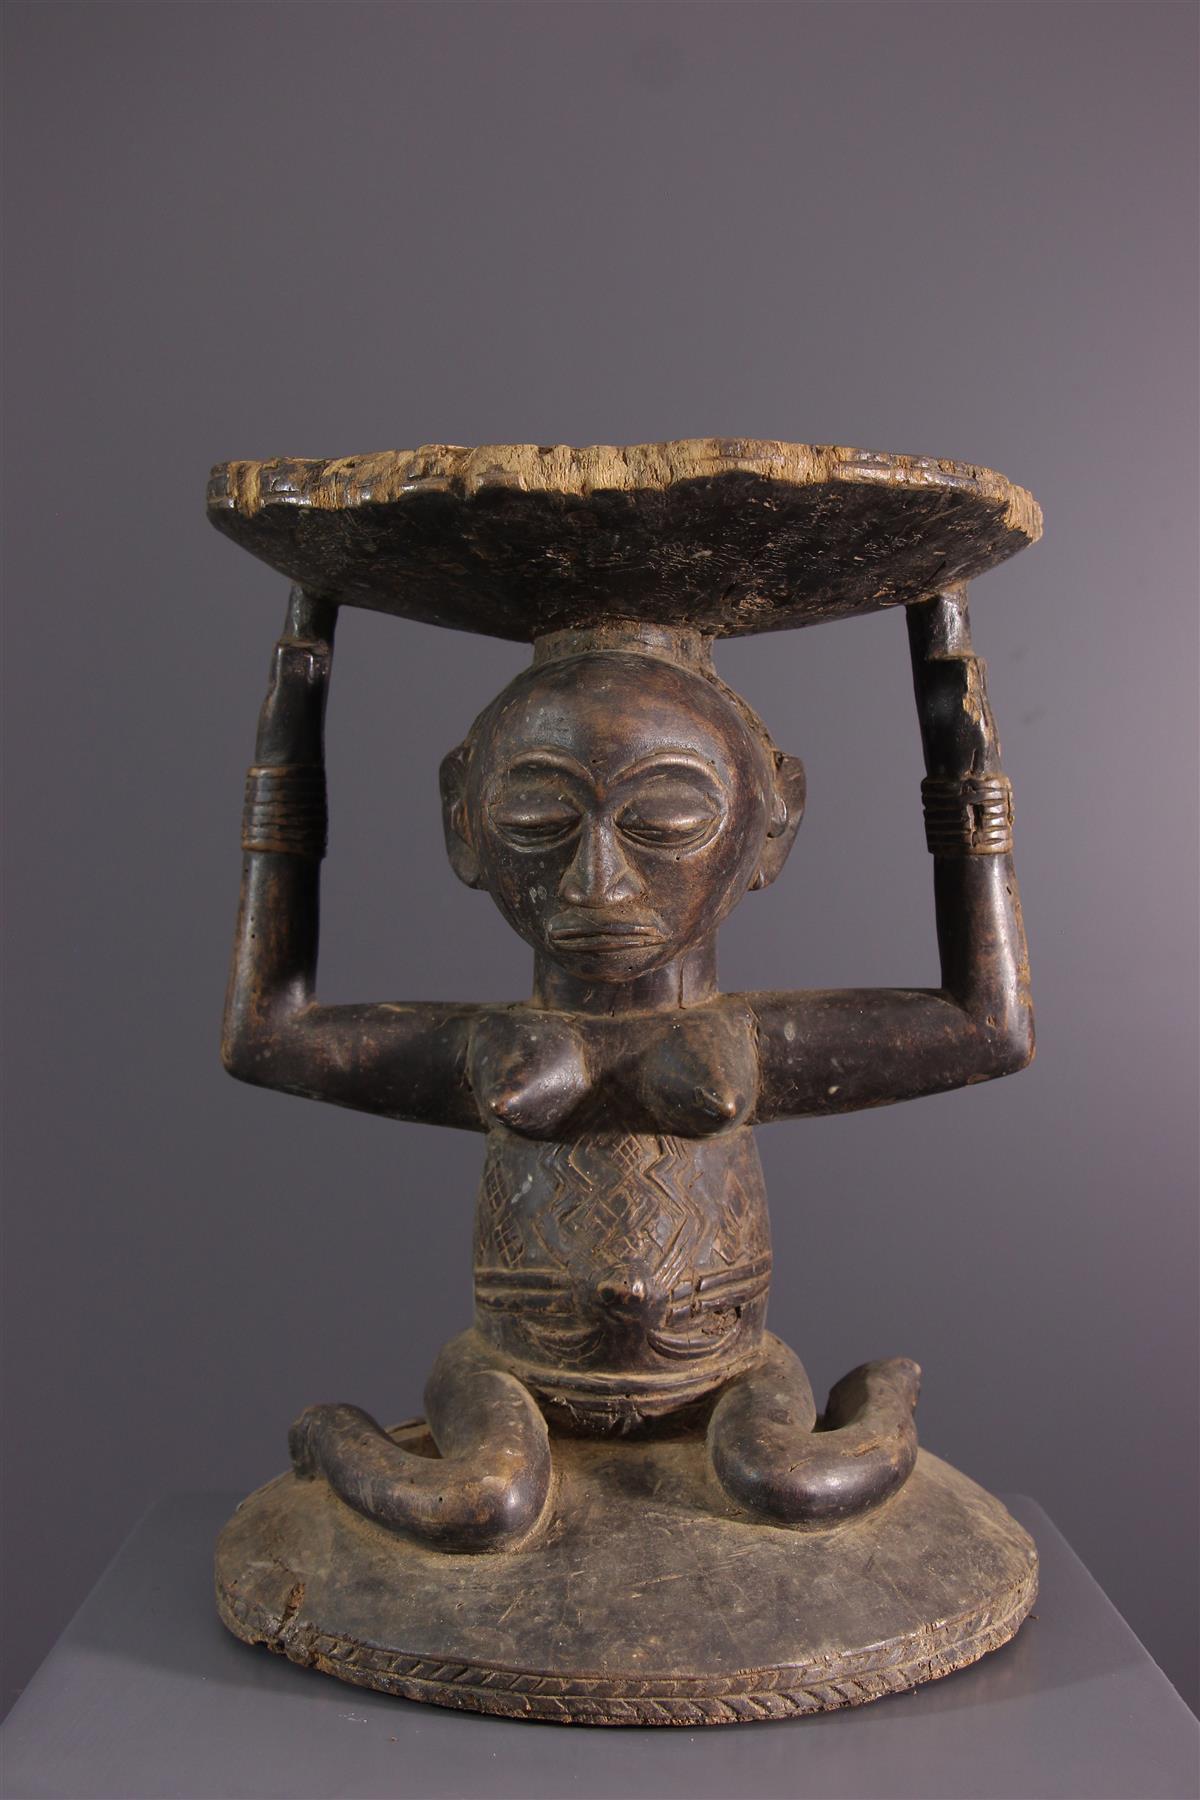 Tabouret Luba - Tribal art